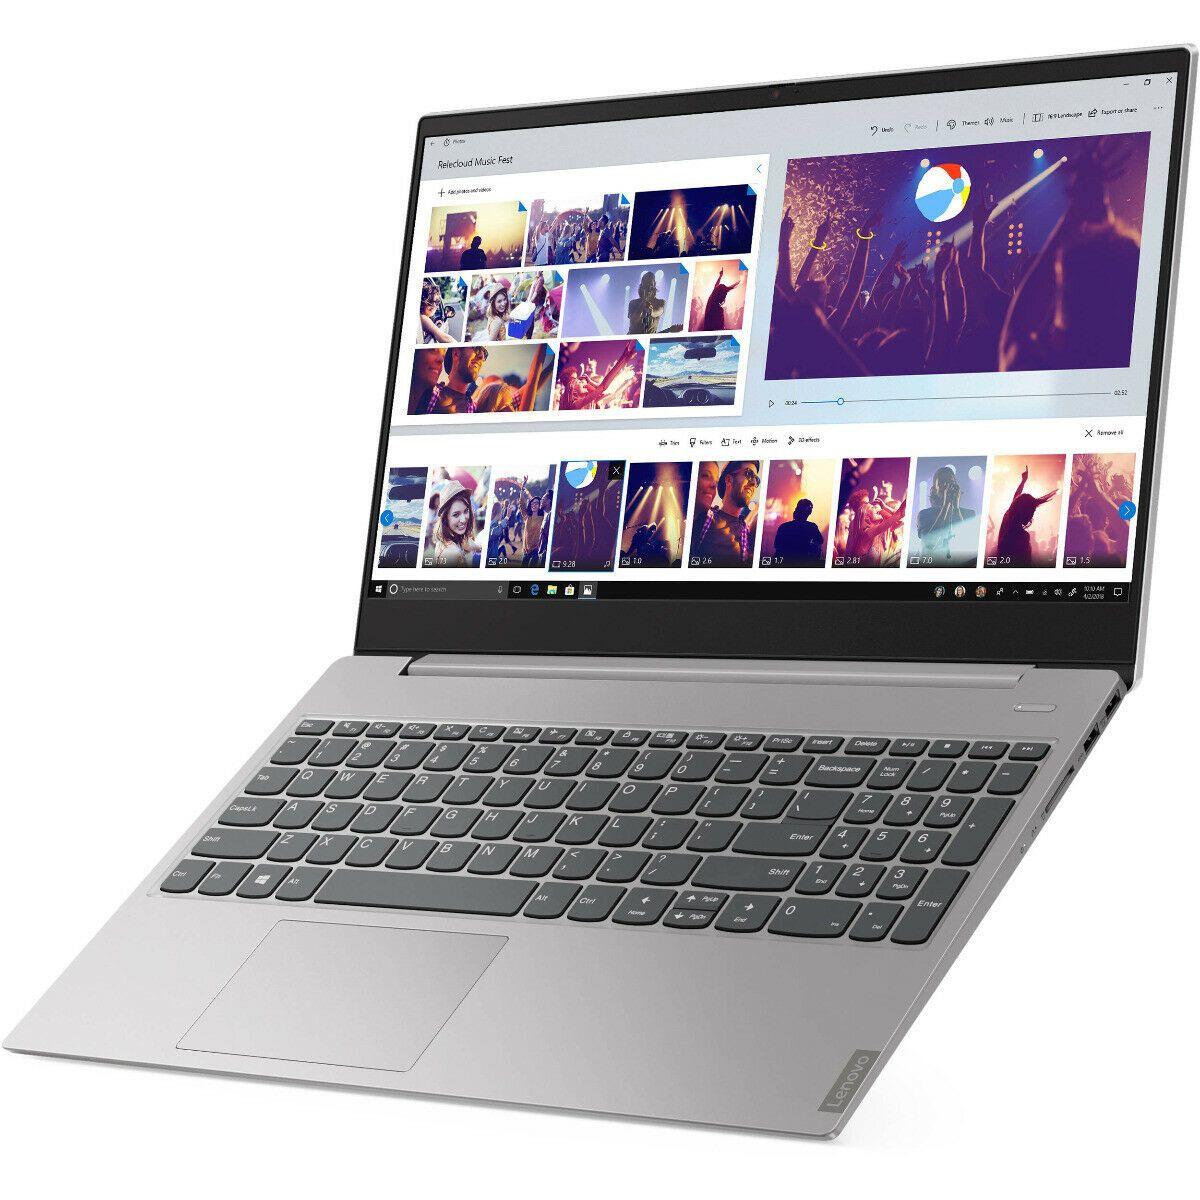 Portatil Lenovo Ideapad S340 15iwl Core I7 8gb 1tb Ssd Fullhd